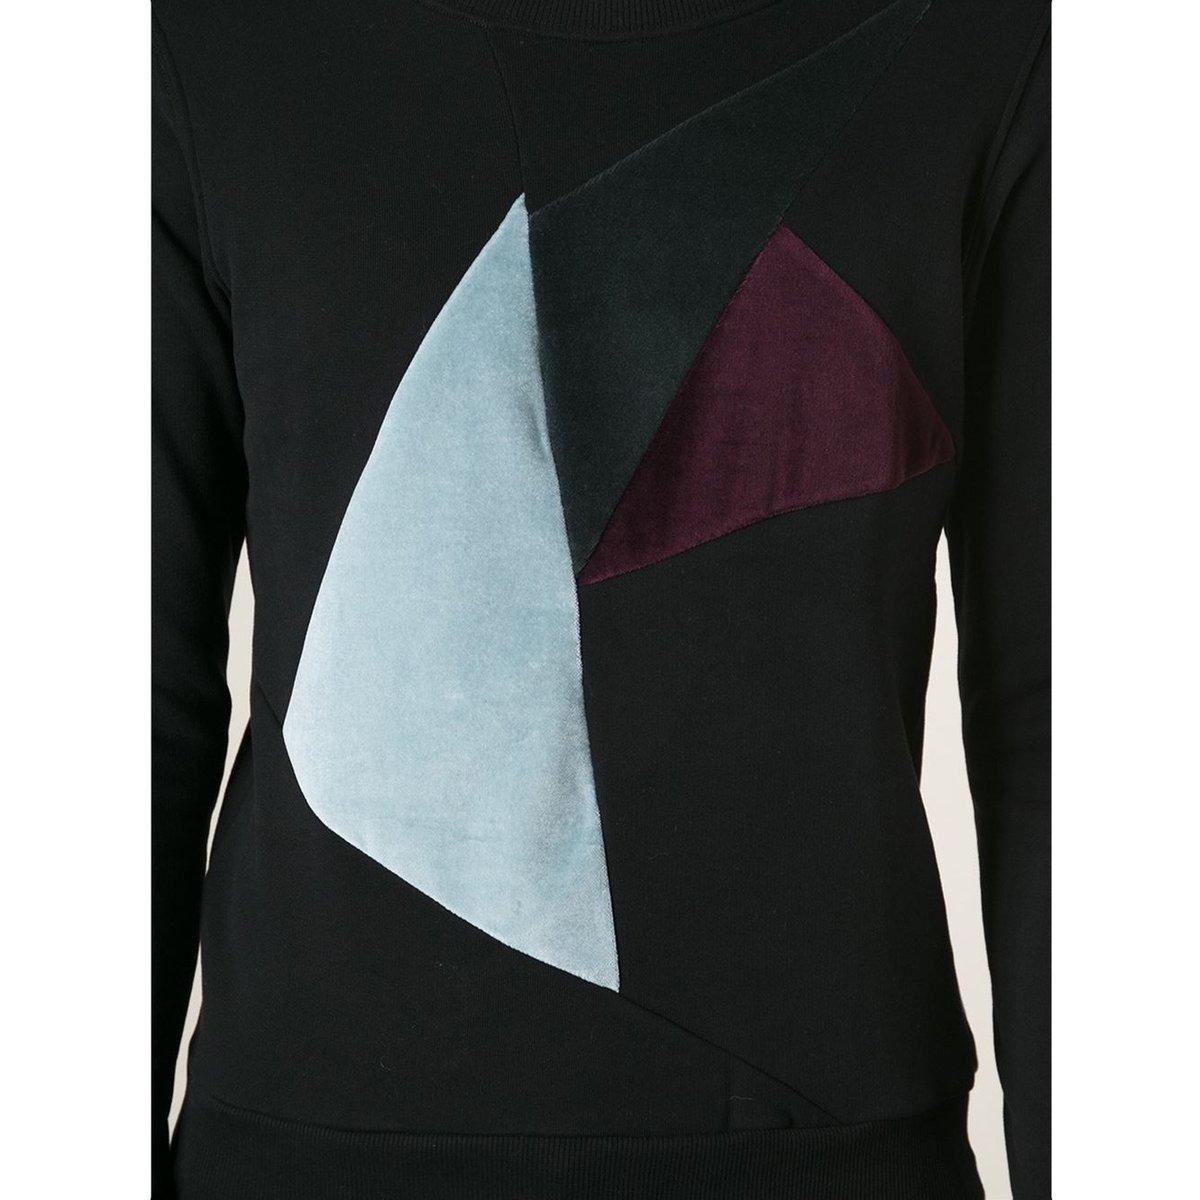 christian-pellizzari-black-multicolour-velvet-inserts-sweater-product-1-24745345-3-065160340-n...jpg